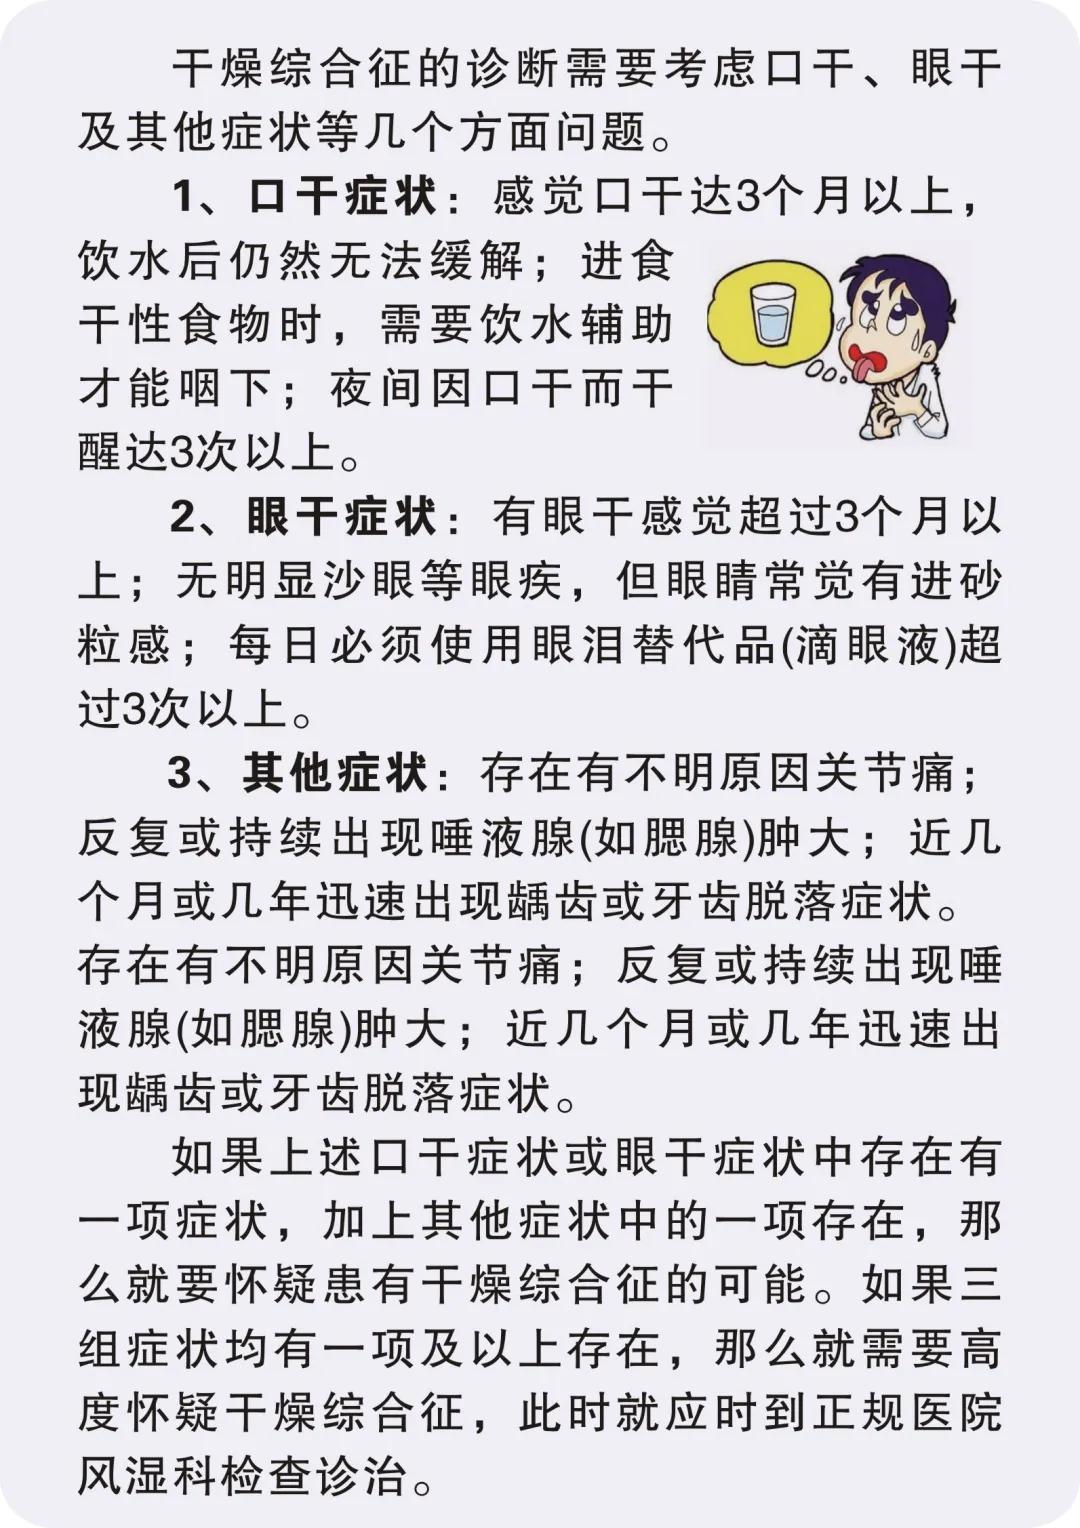 干燥症诊断3.jpg